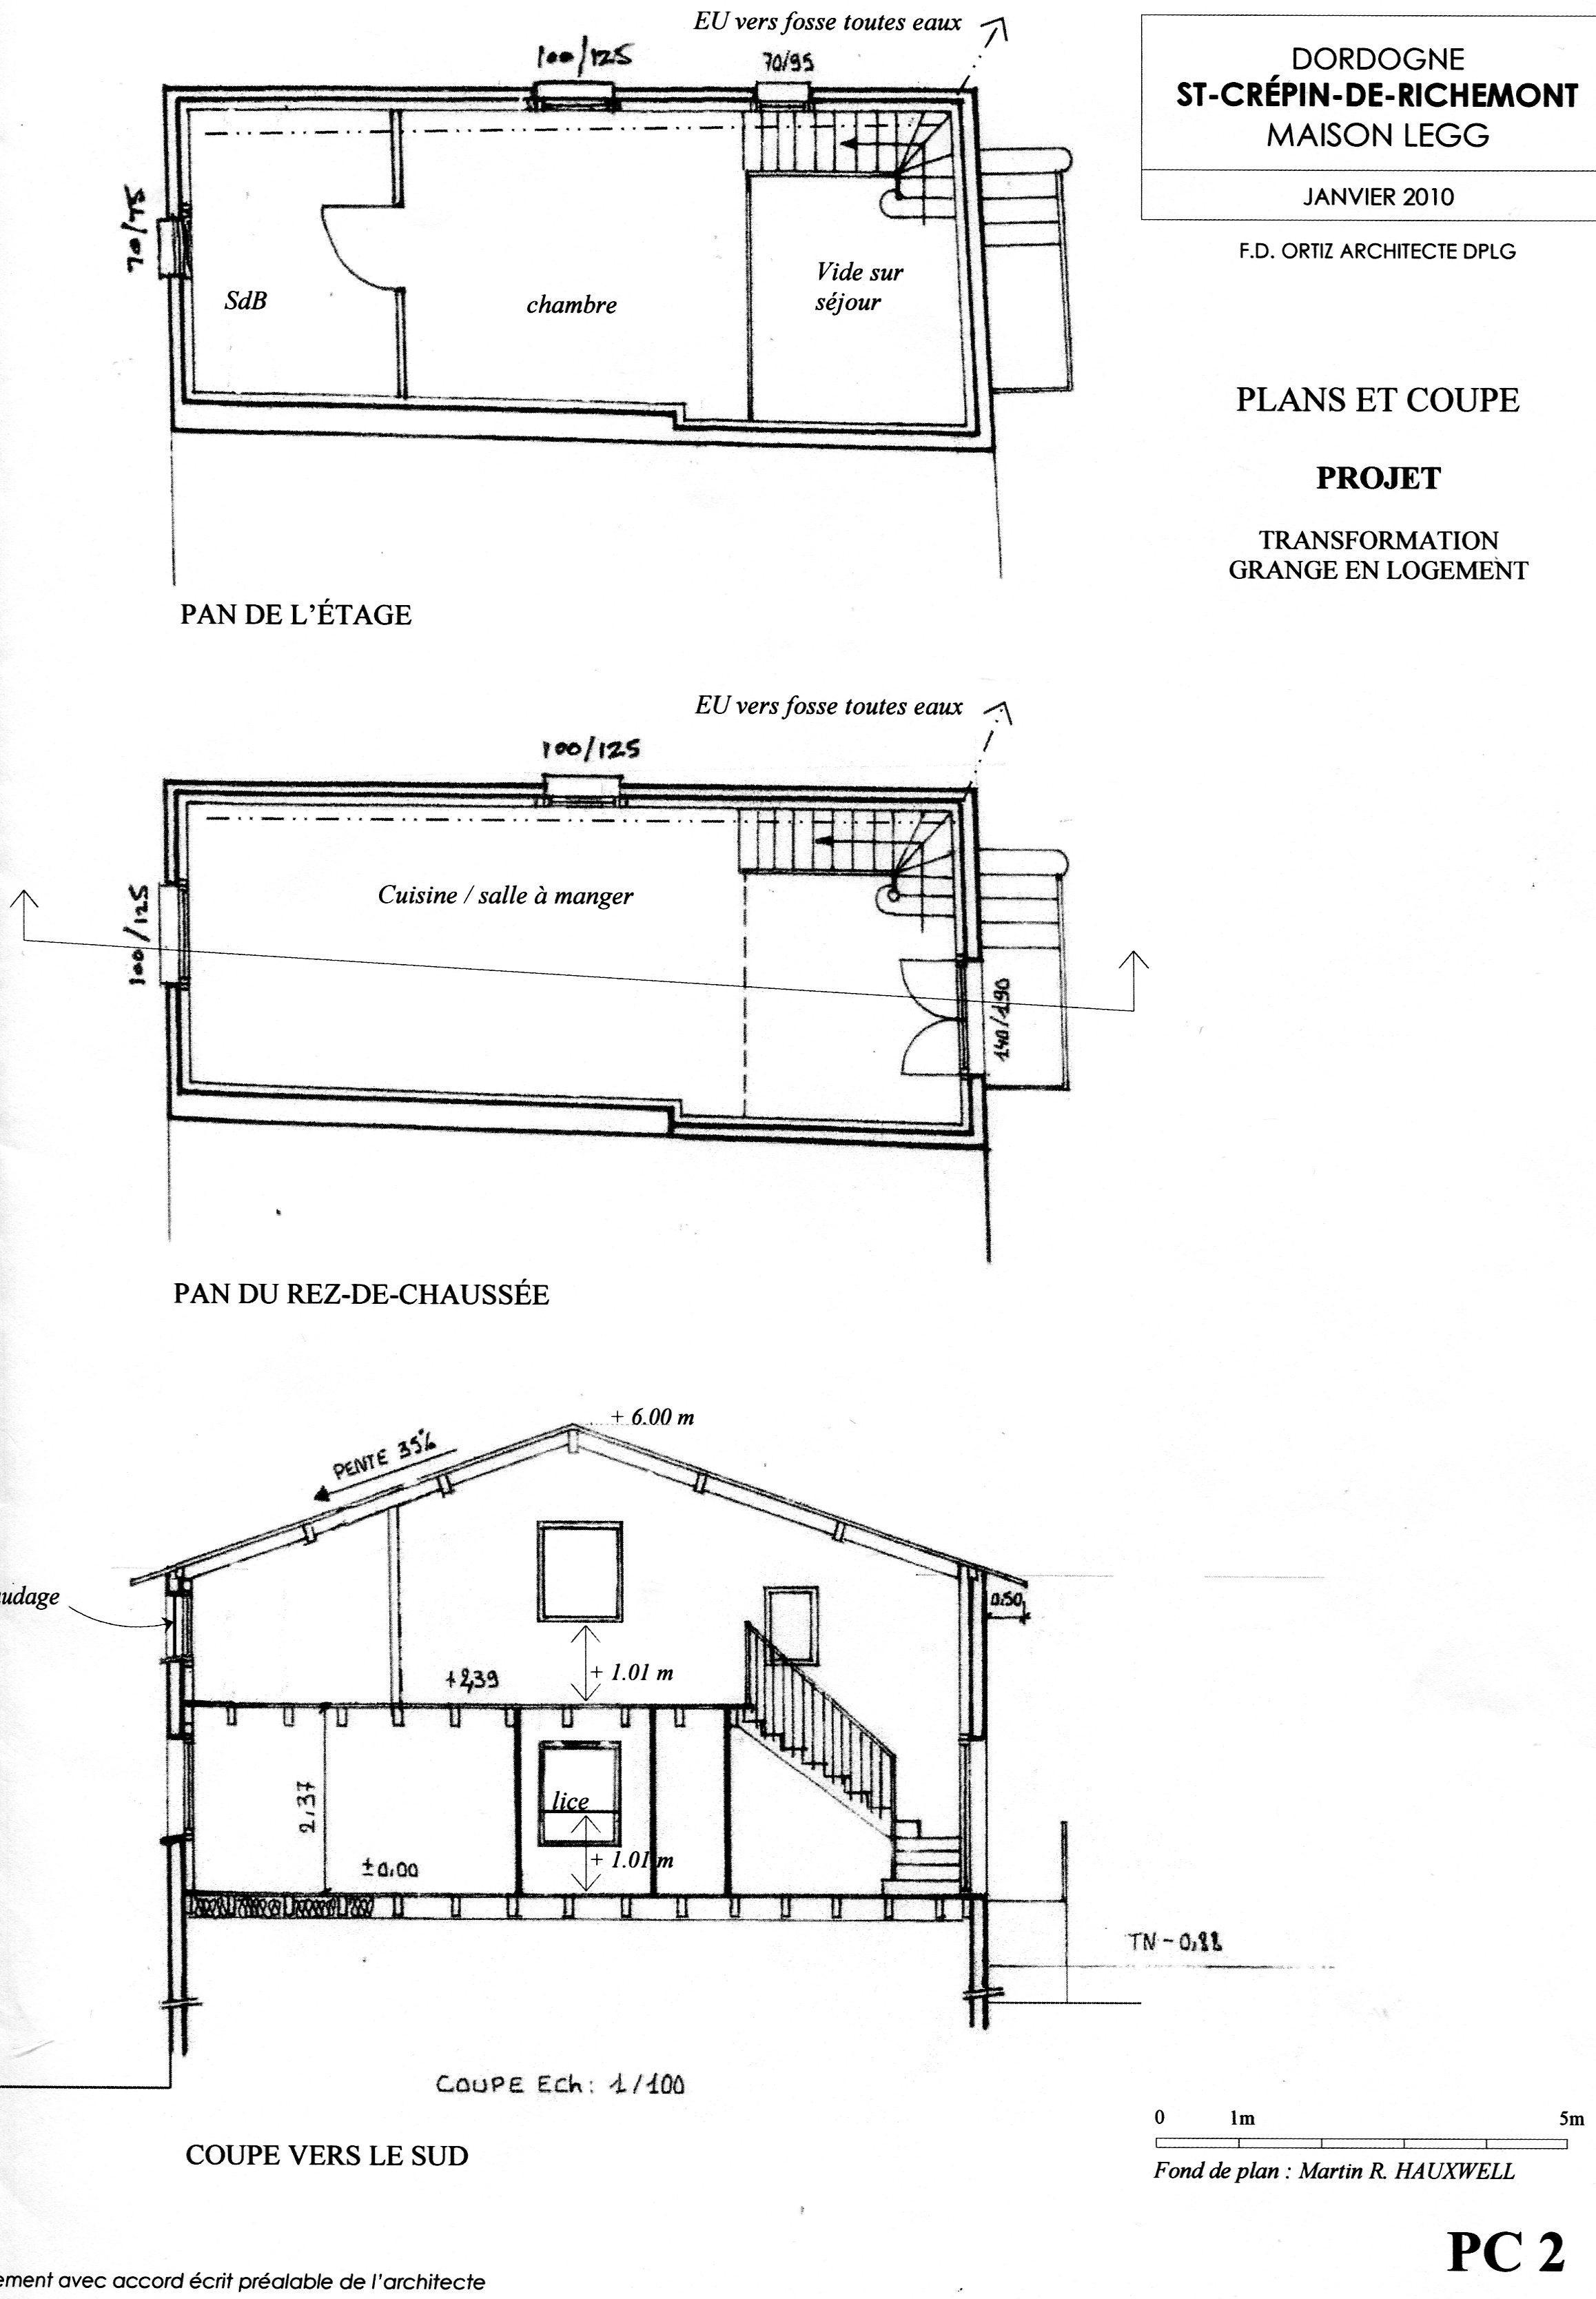 Barn - outline plans for development